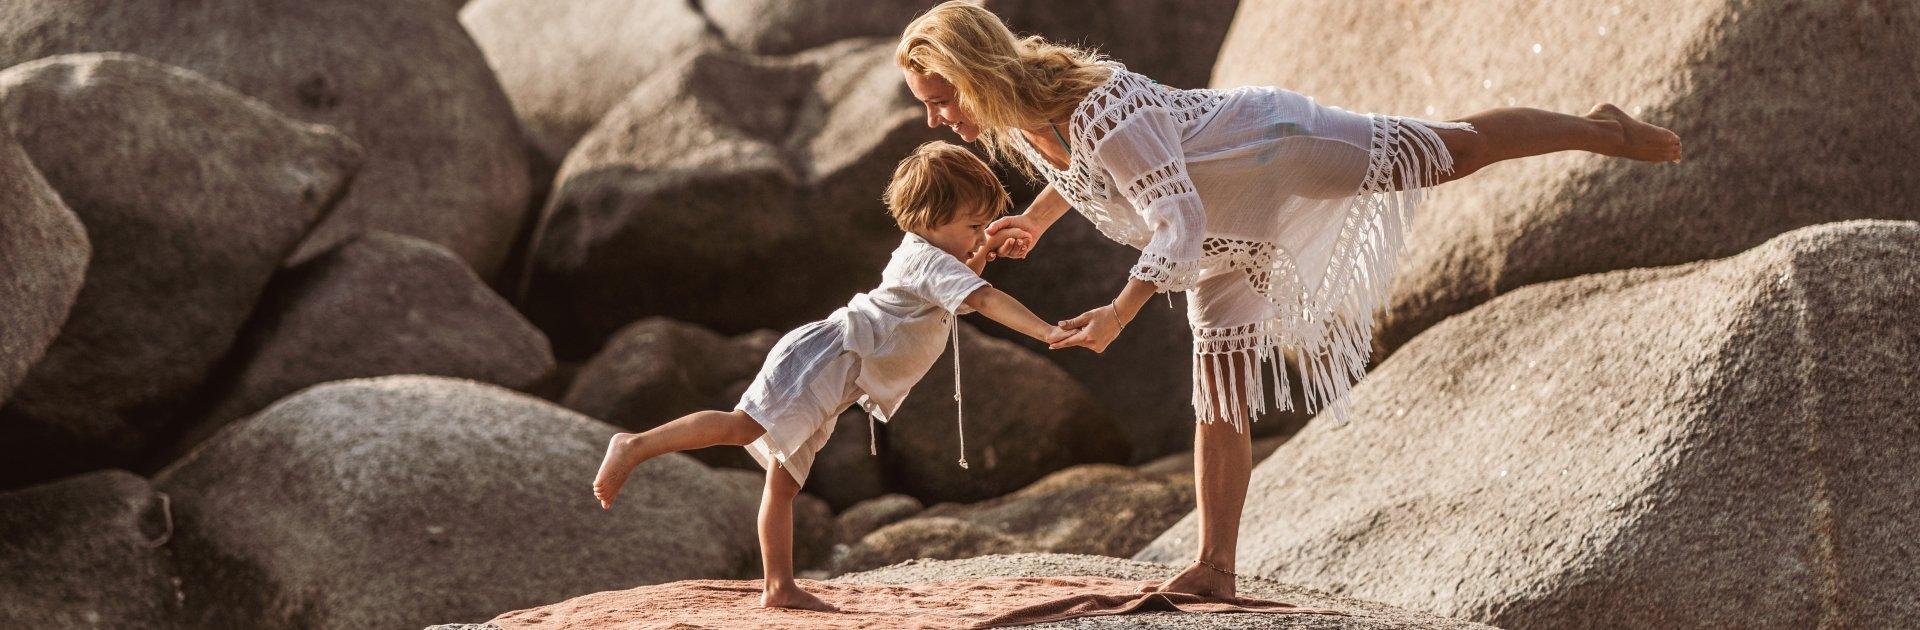 Familienurlaub im Yoga-Hotel